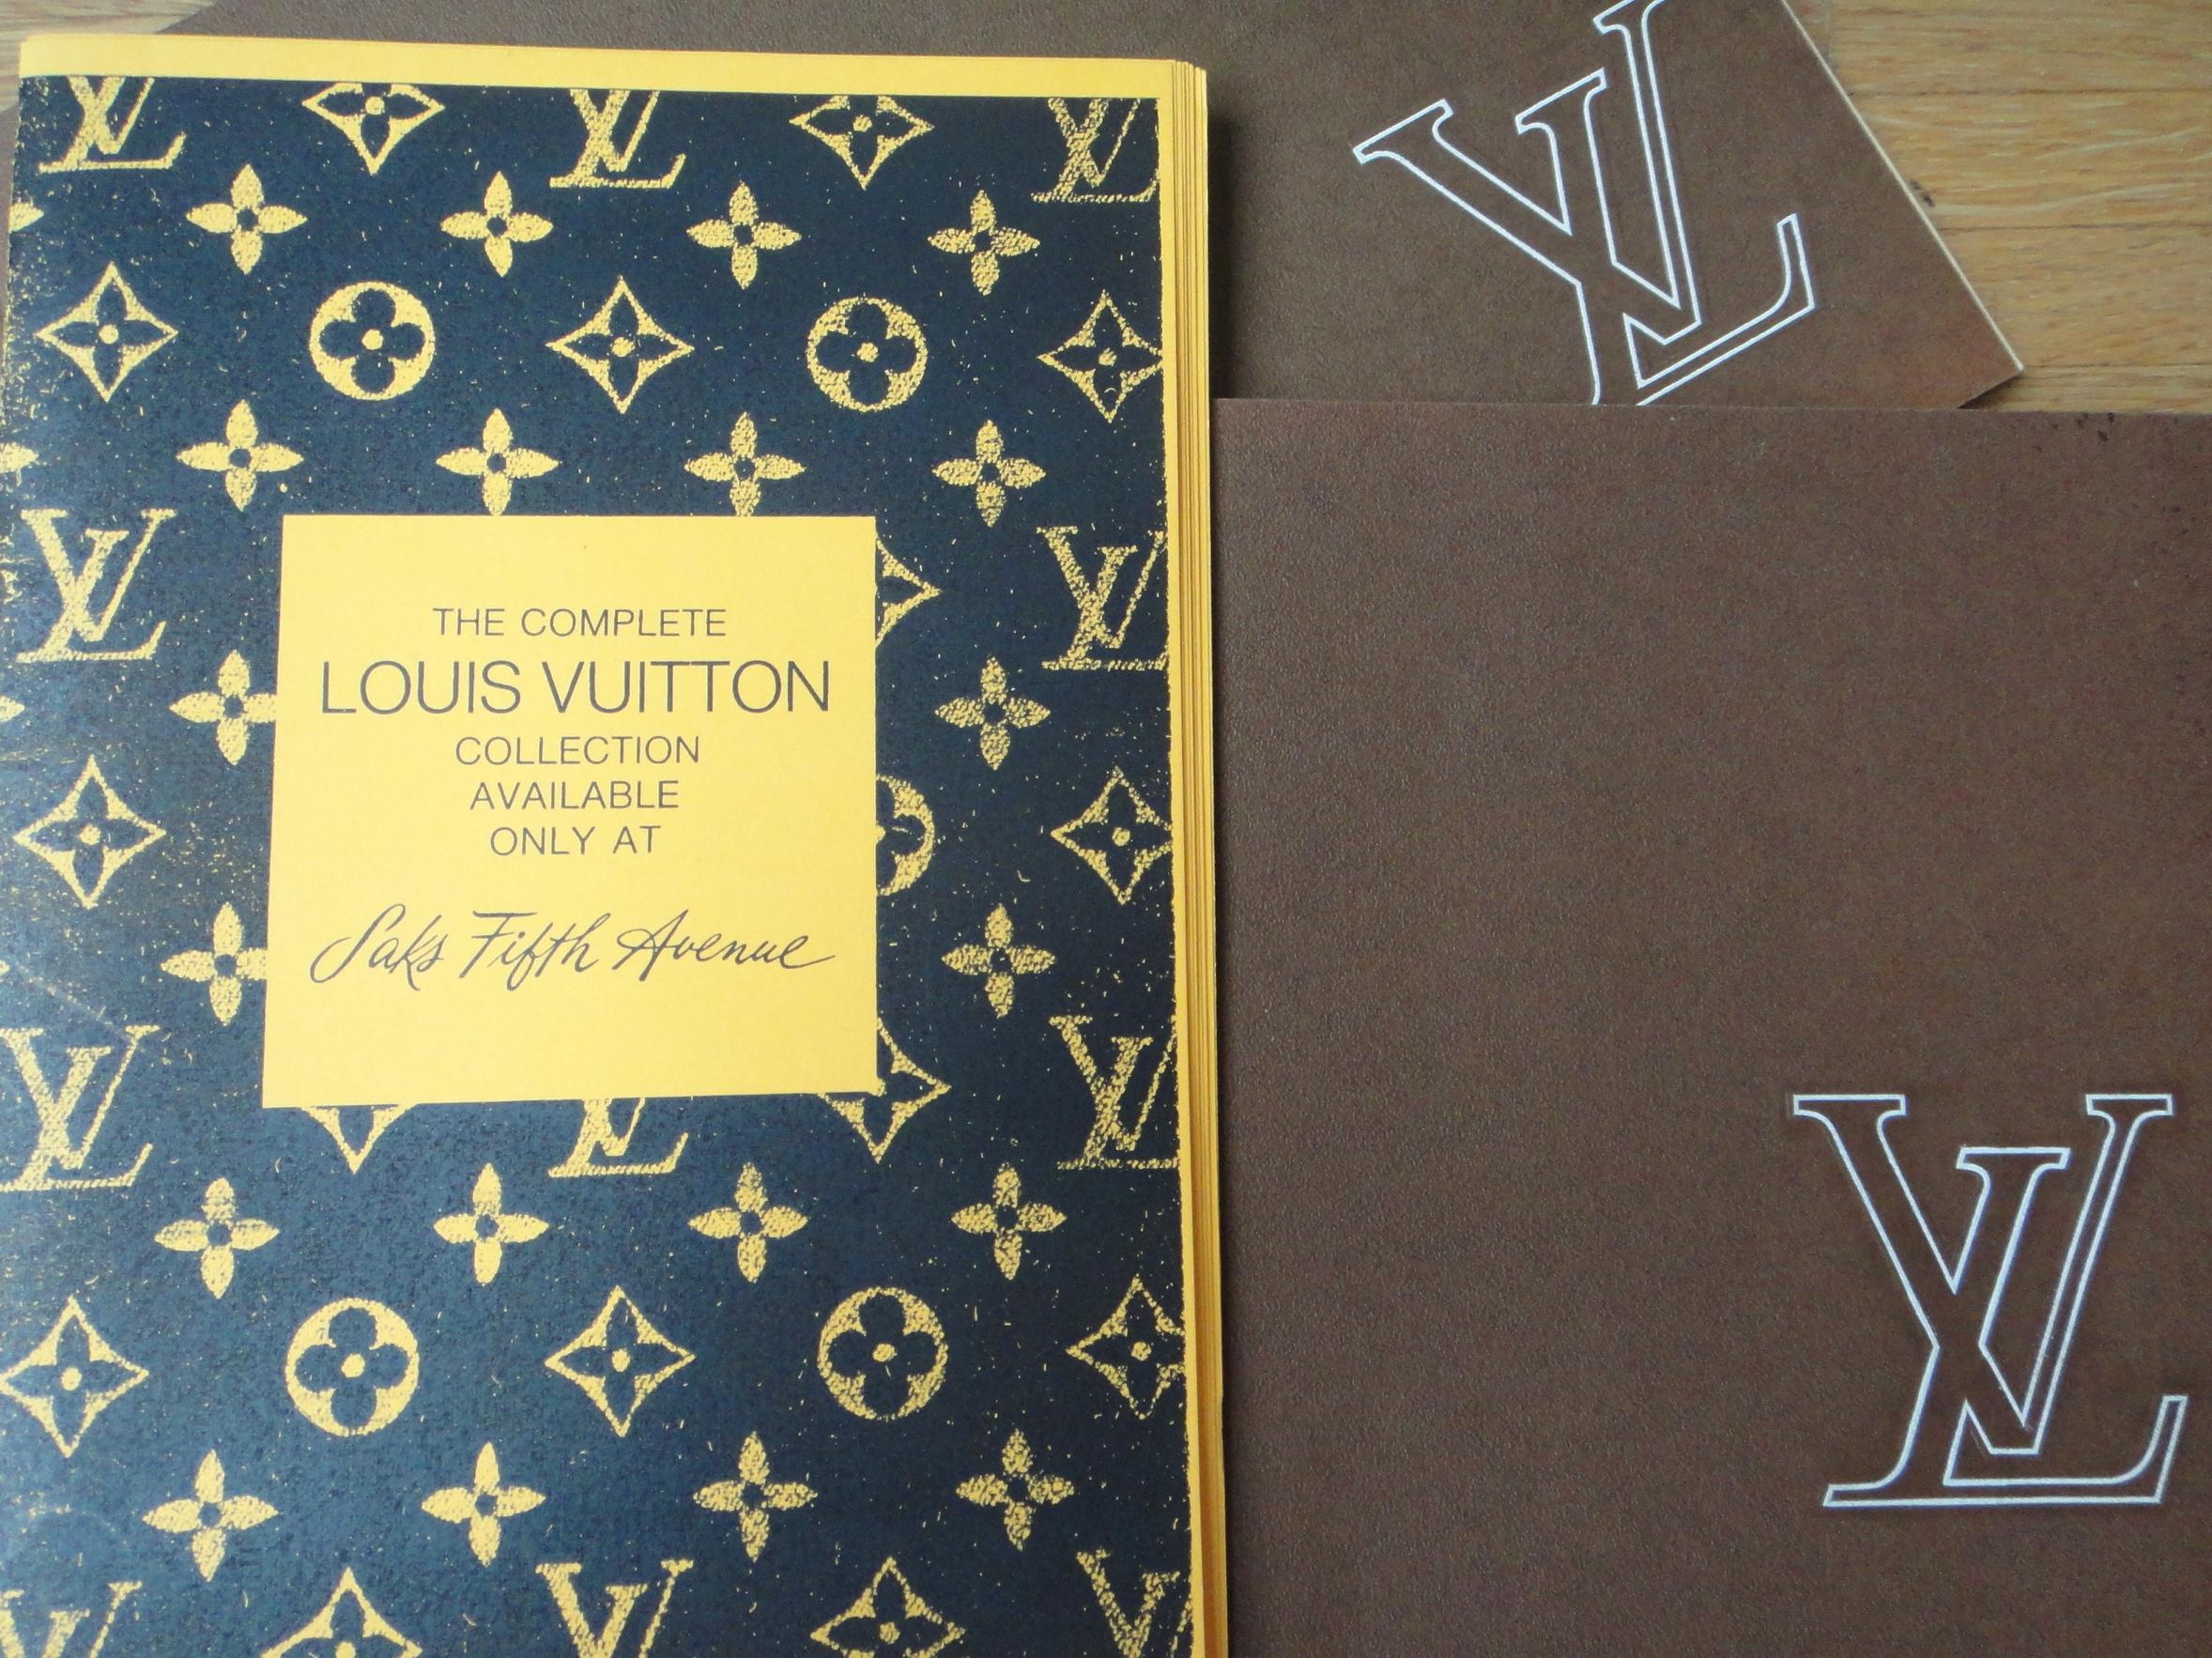 vintage Louis Vuitton catalogs